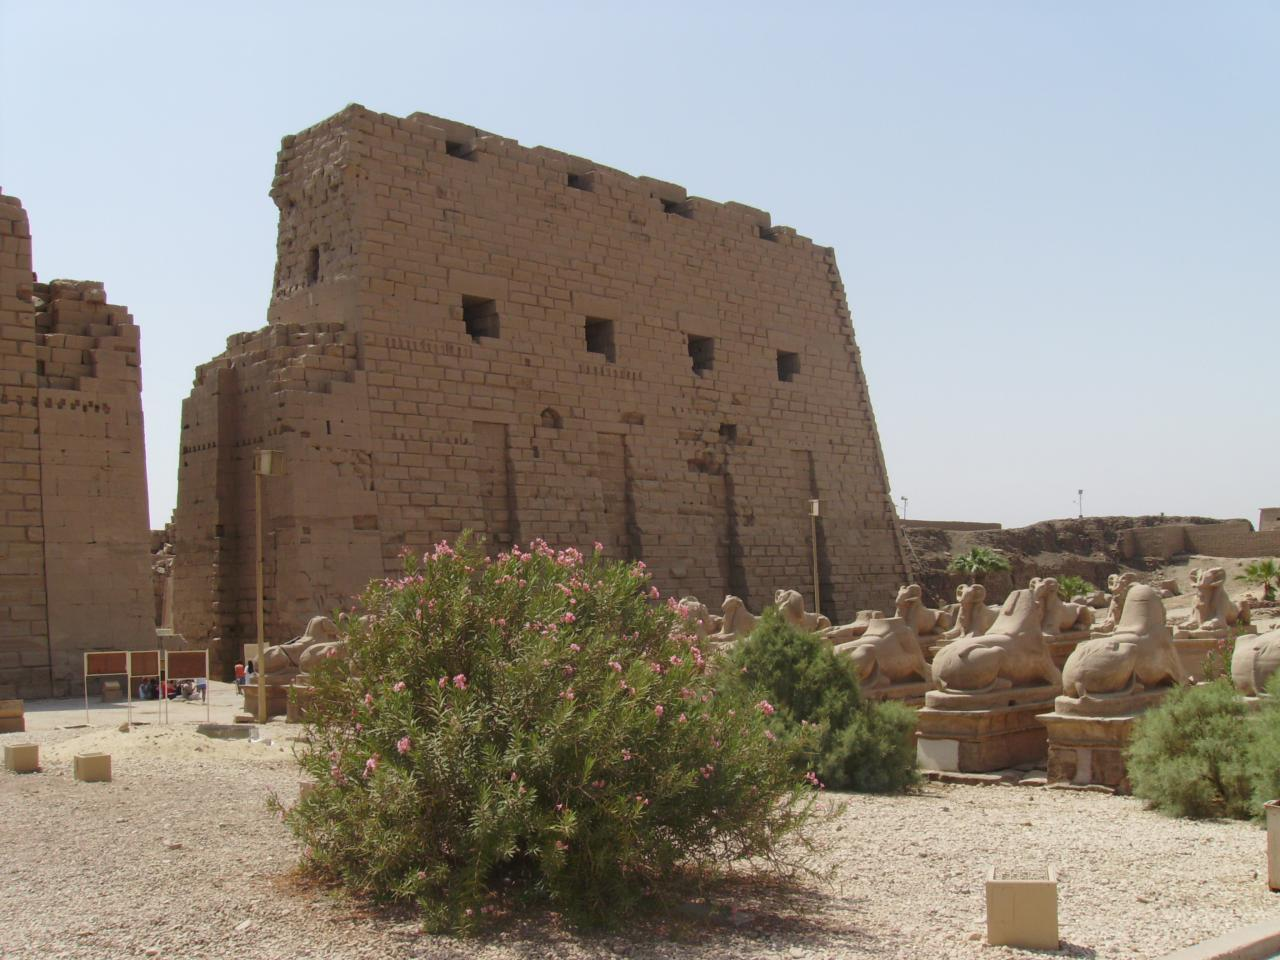 Là façade du temple de karnak avec le chemin des sphinx